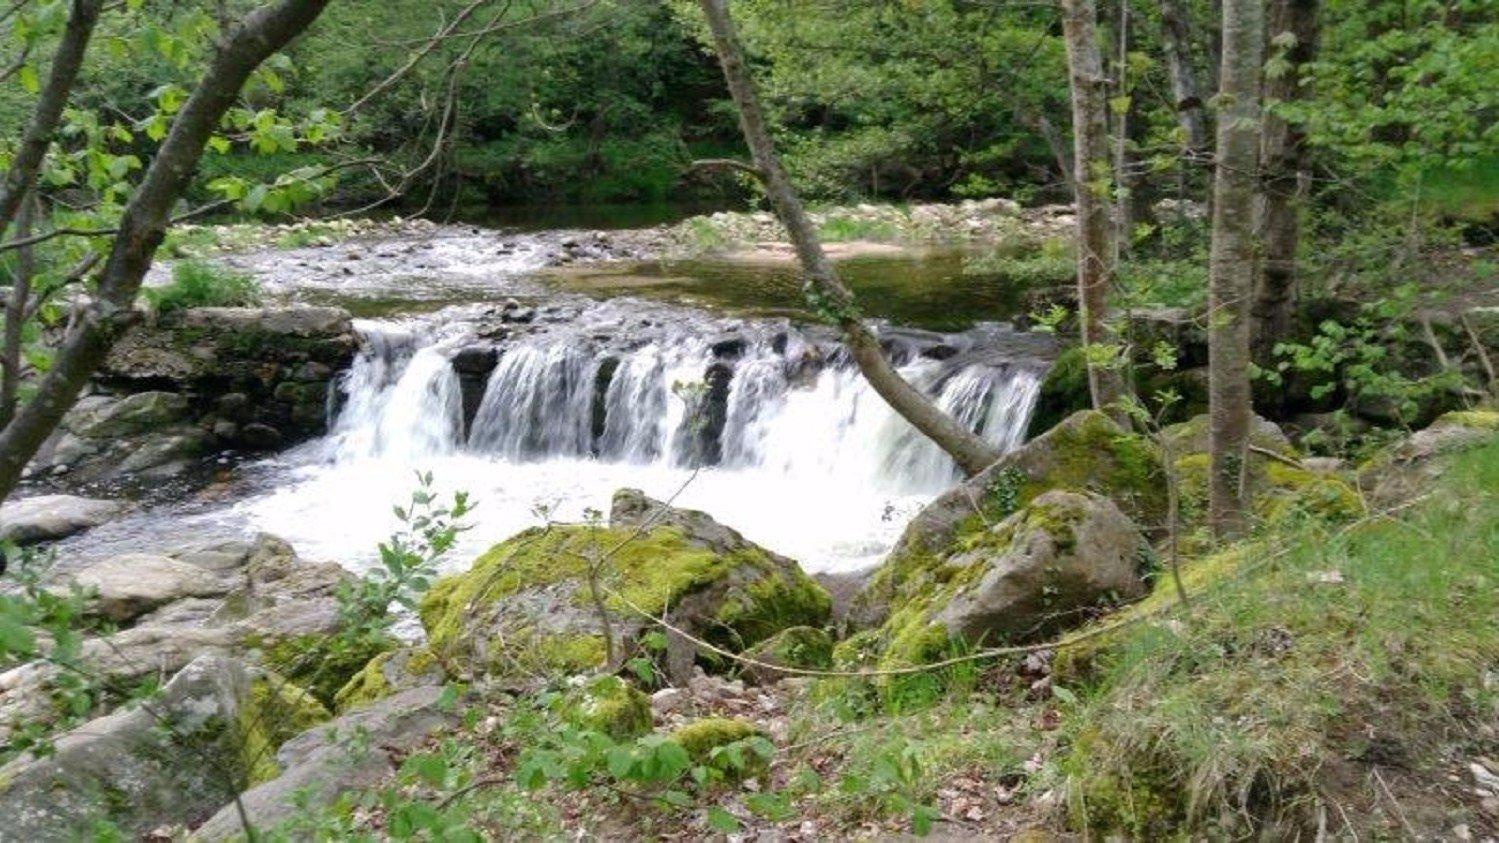 riviere Le Doux camping de retourtour 3 étoiles bord de rivière ardèche verte